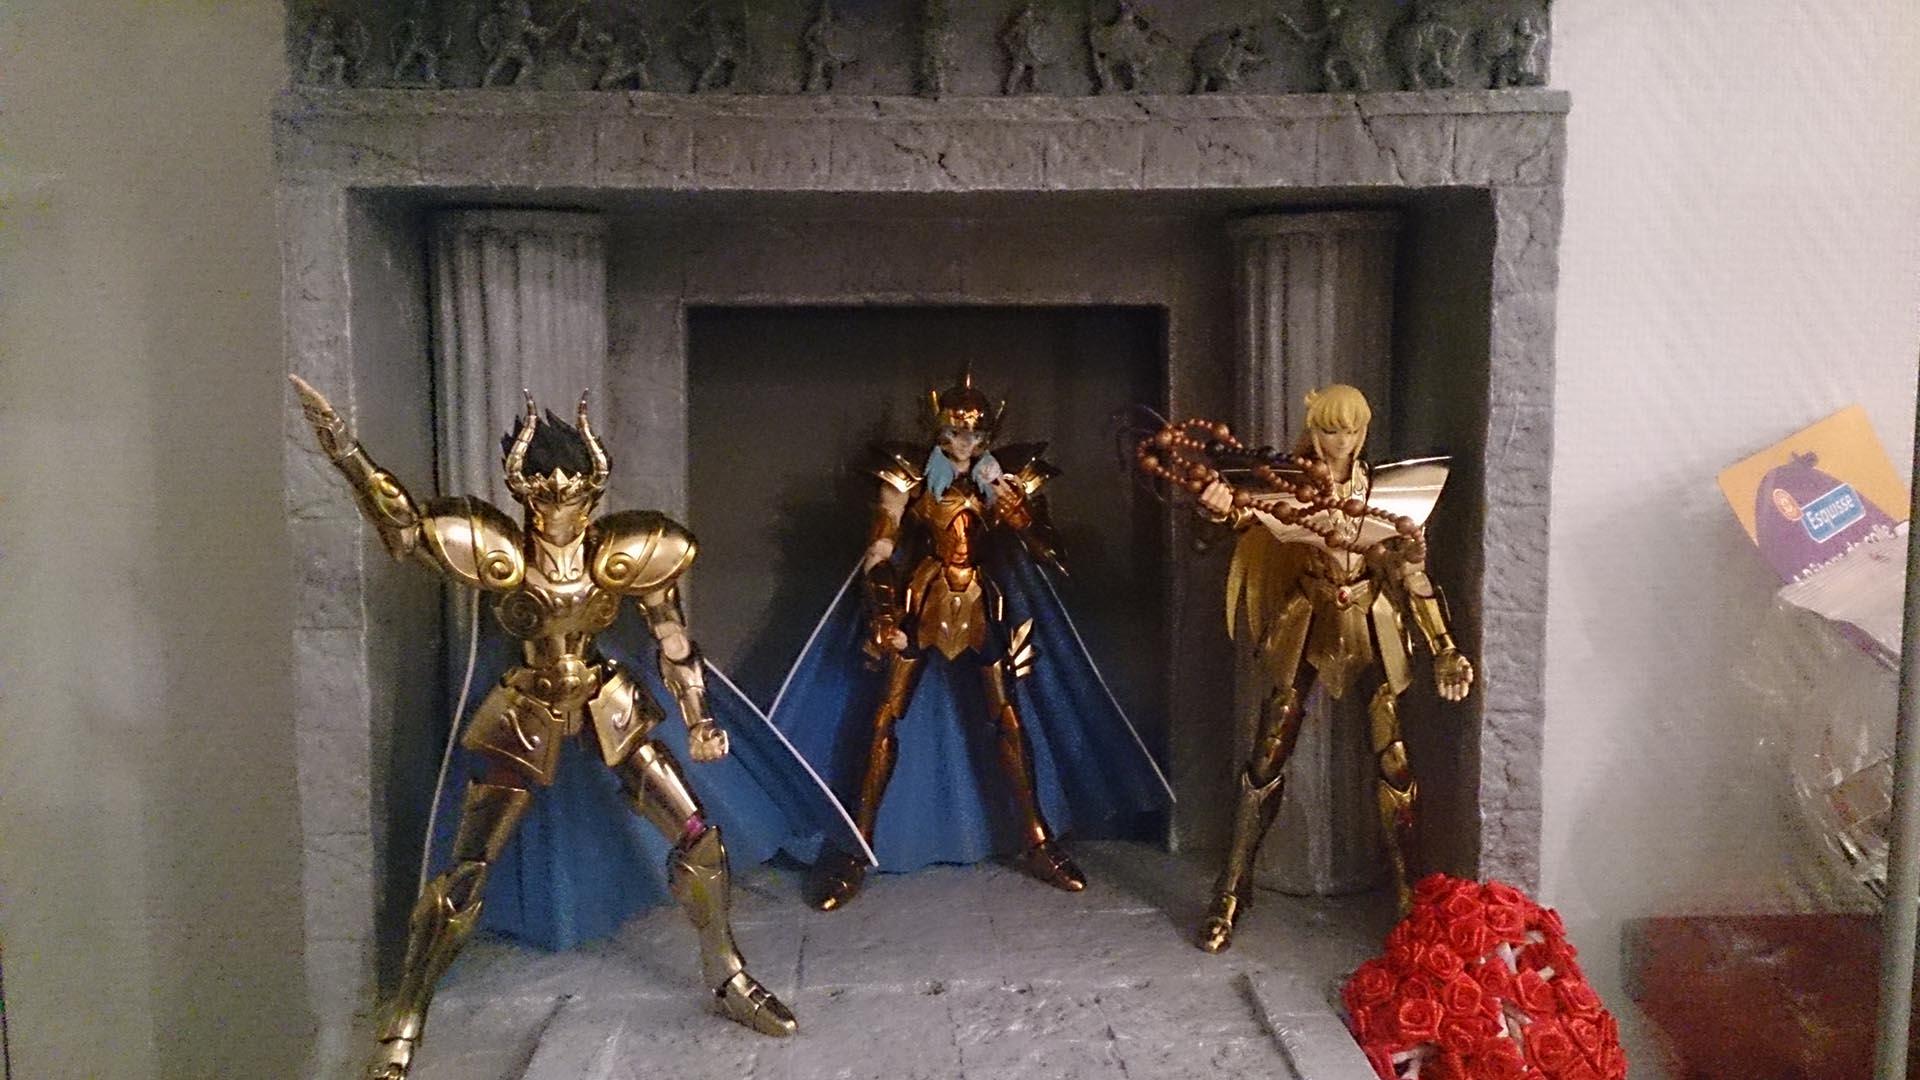 Figurines Saint Seiya (Chevaliers du Zodiaque) 986777MCEX26